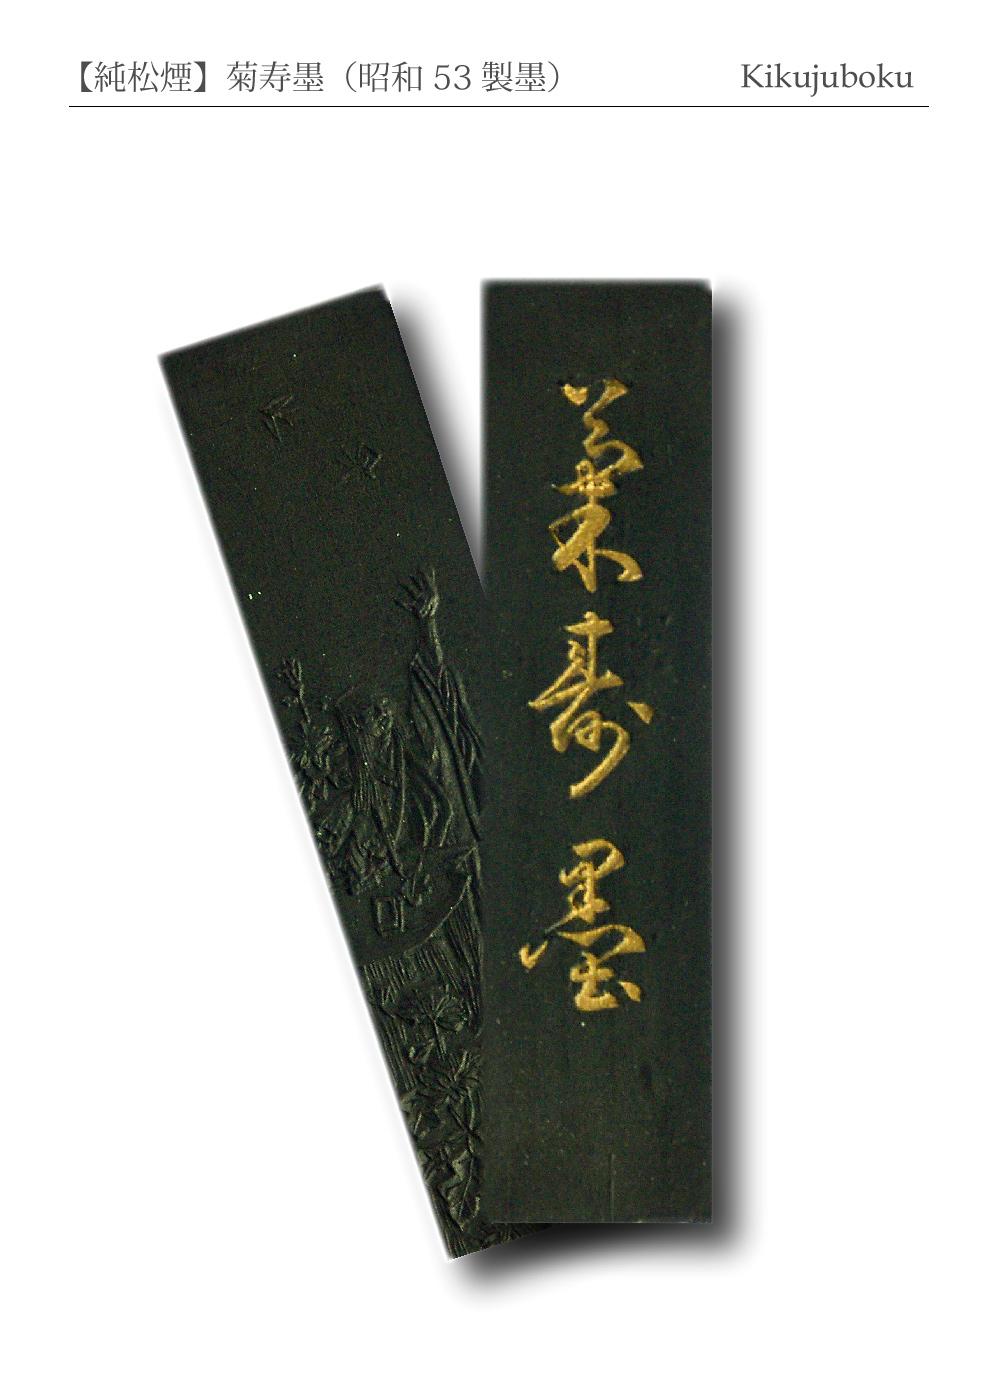 【純松煙】菊壽墨(昭和53製墨)